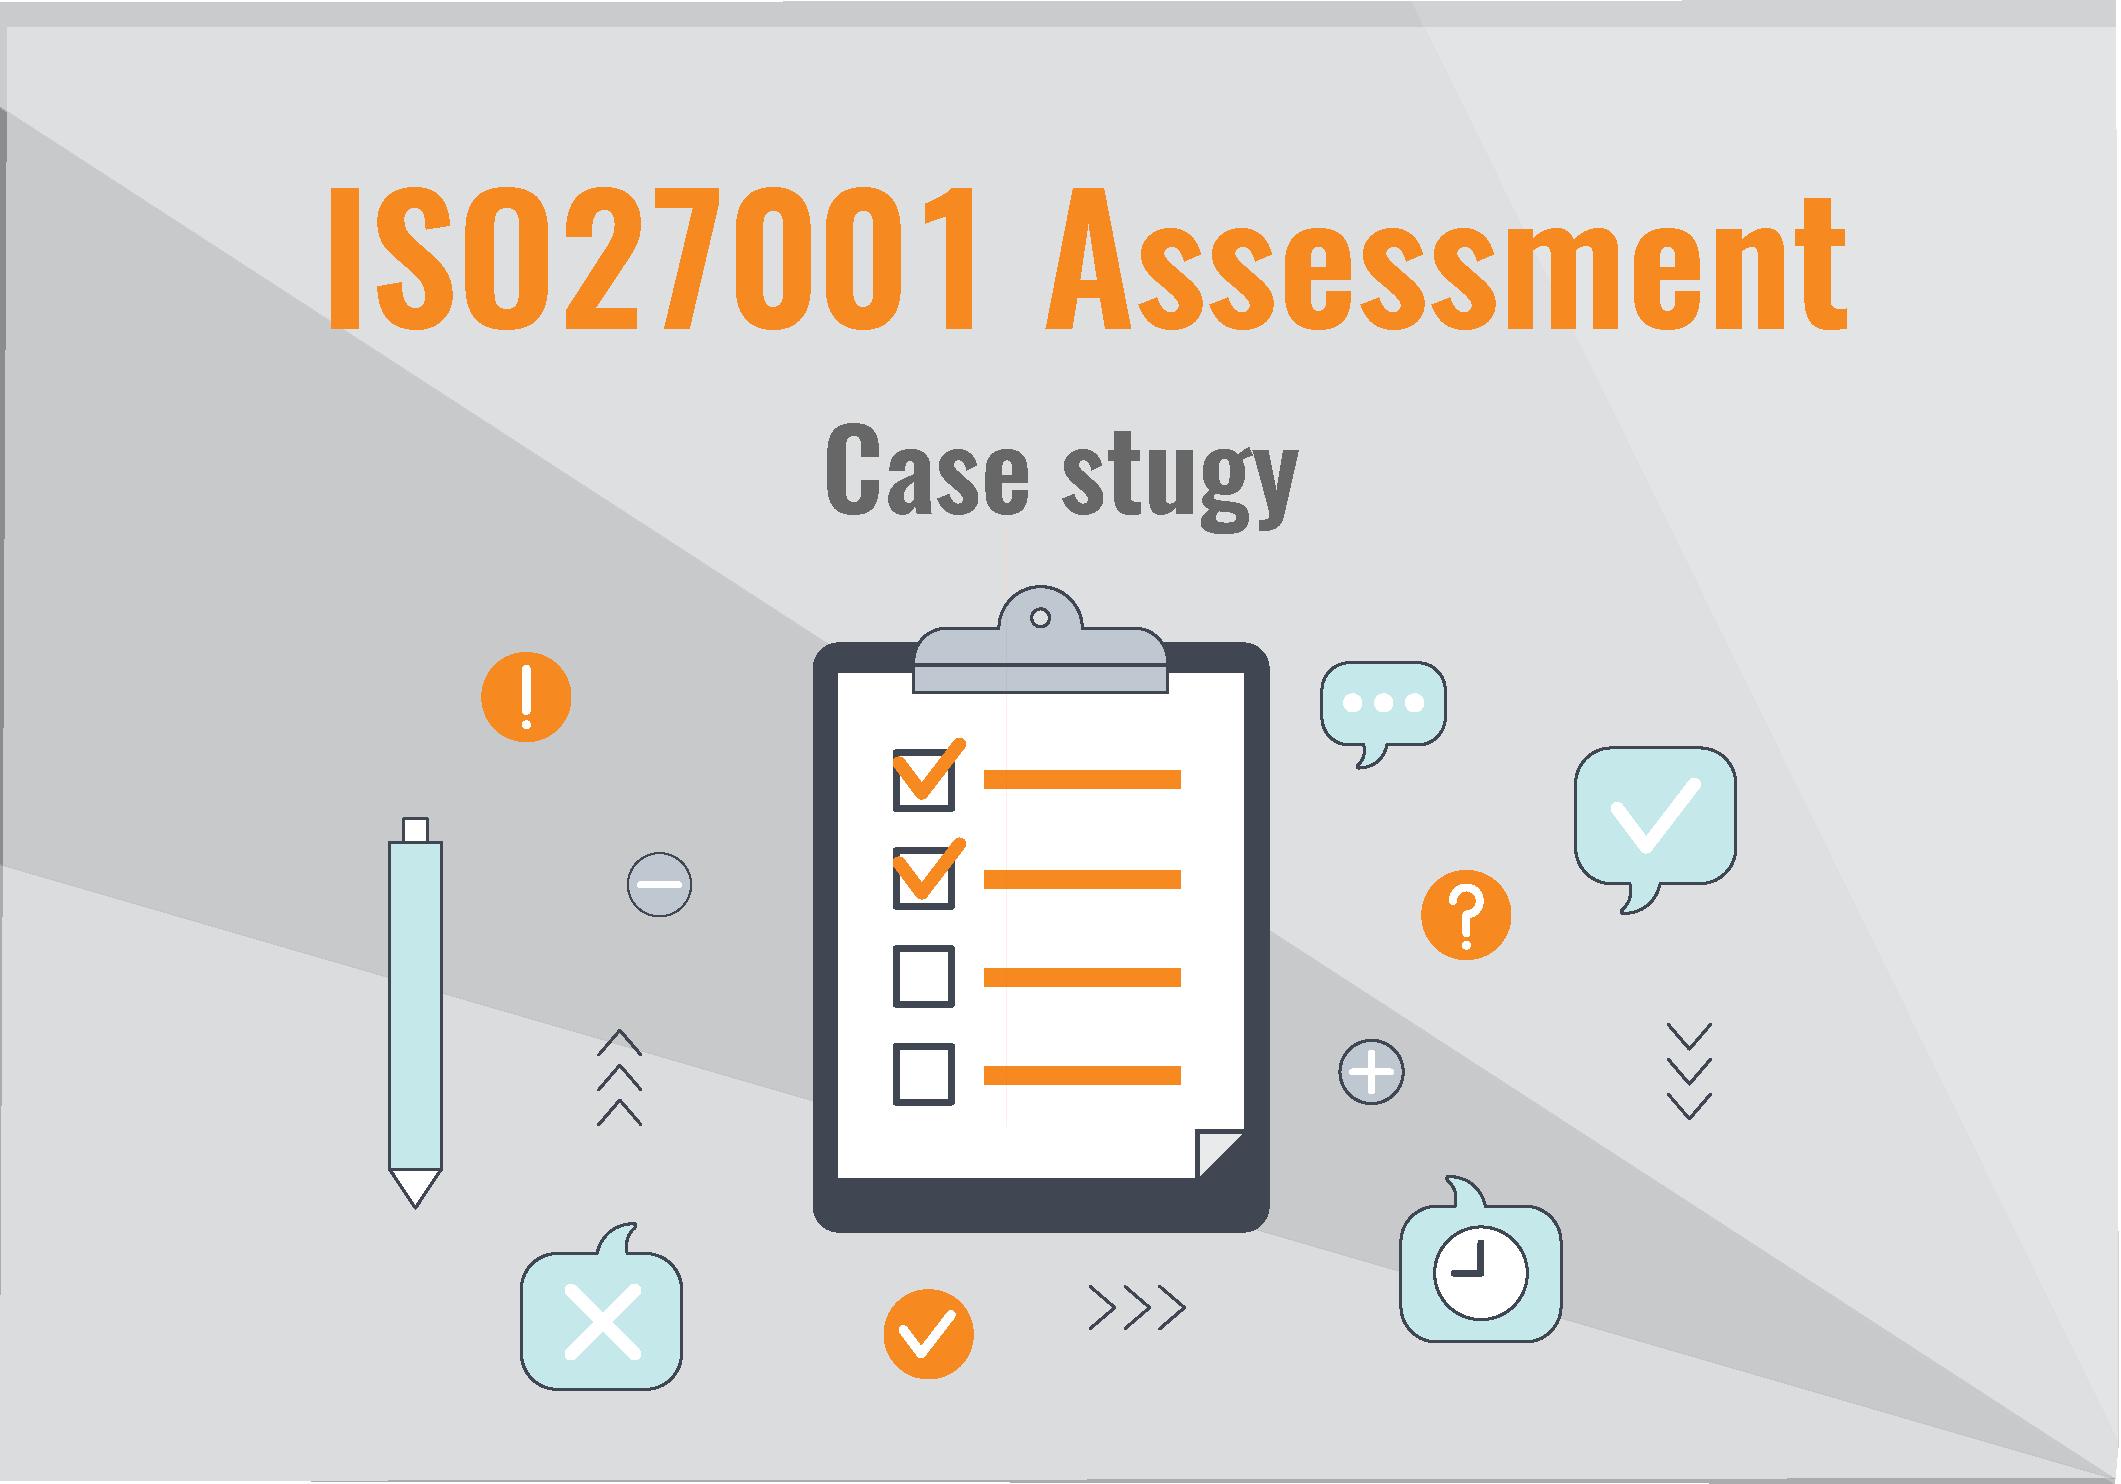 ISO 27001 assessment